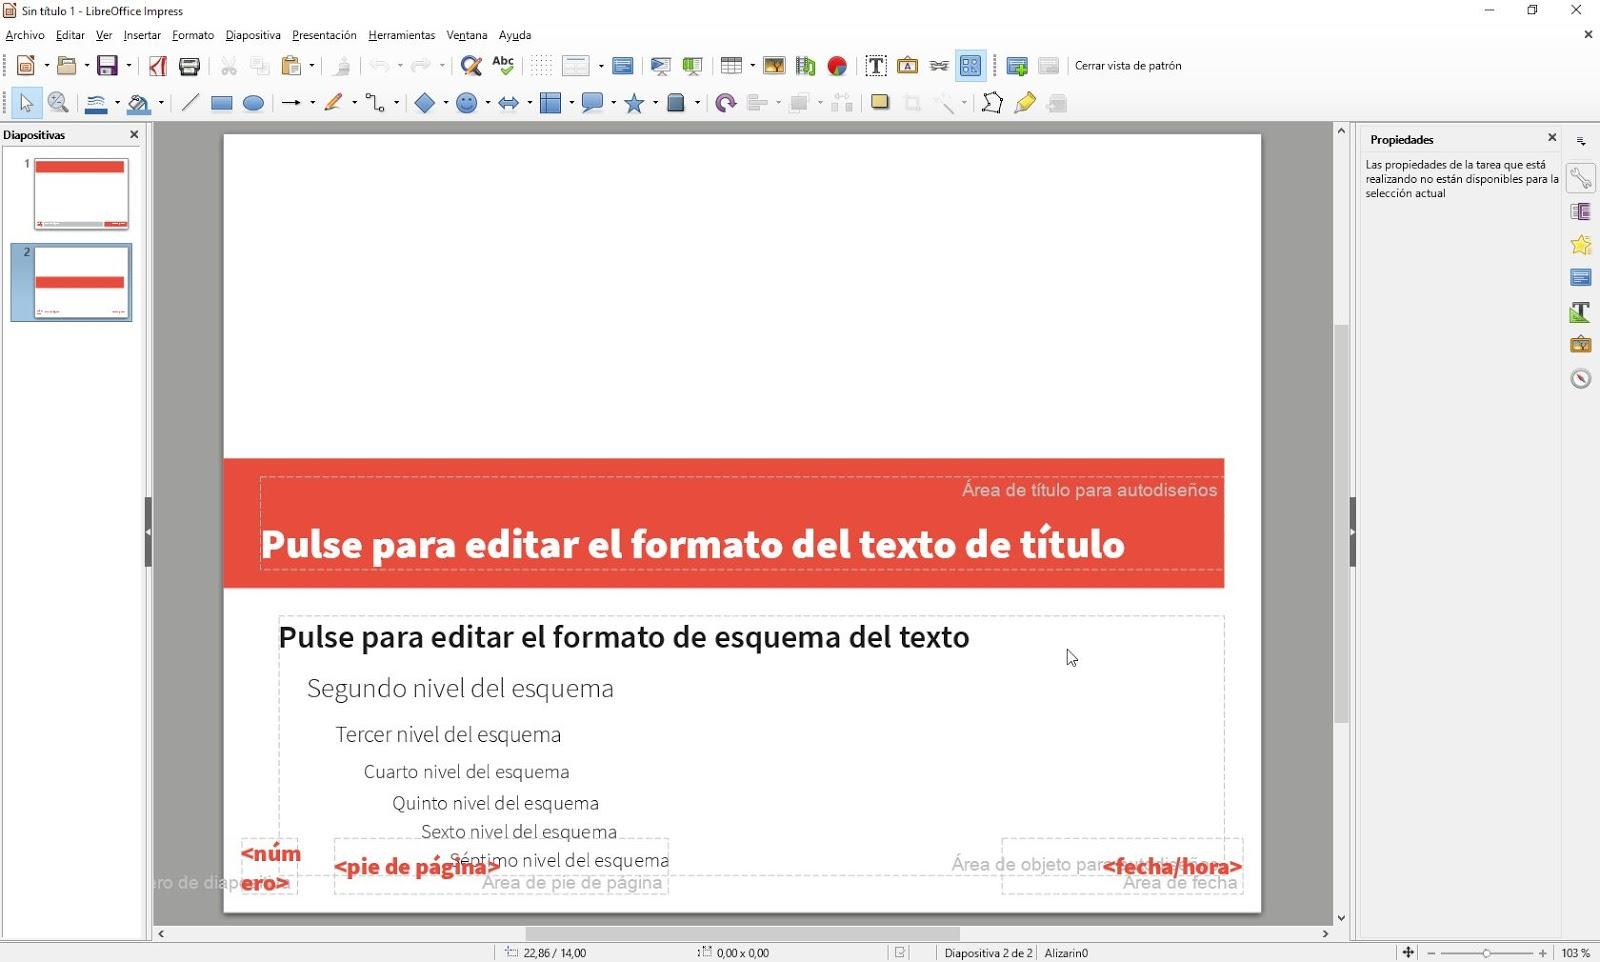 LibreOffice Impress - Patrón de diapositivas   Aplicaciones de Libre Uso